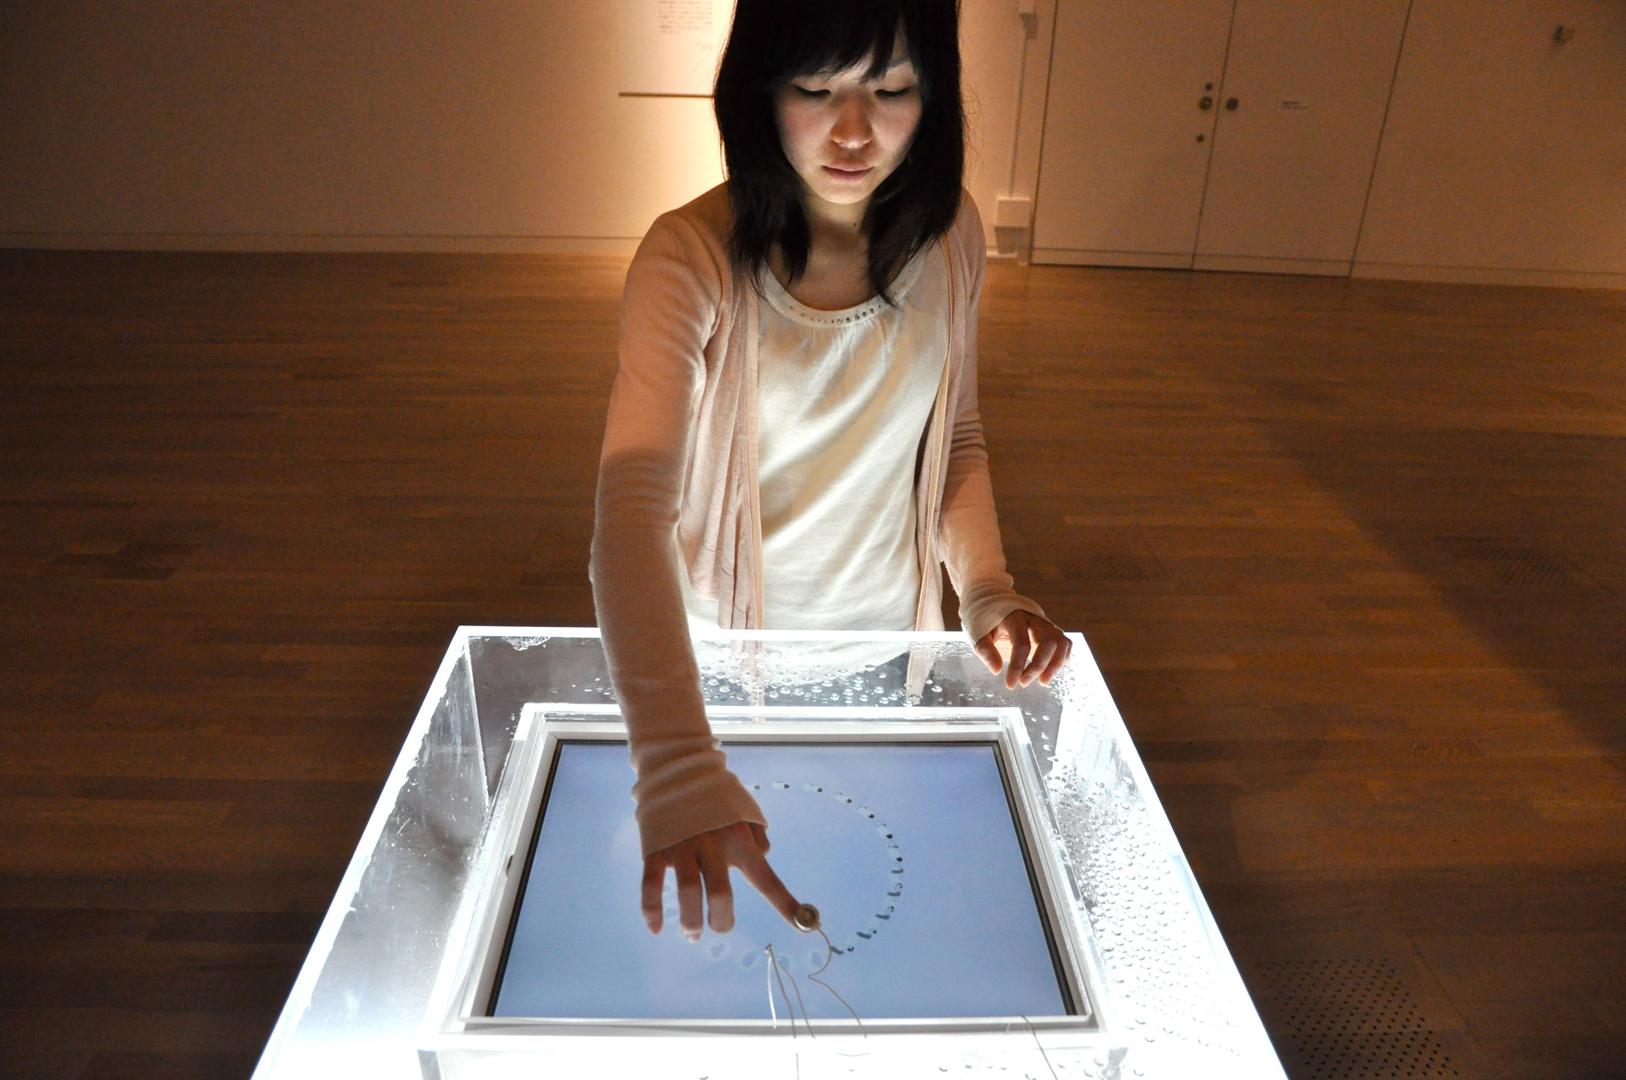 ©2009, Junji Watanabe and Eisuke Kusachi